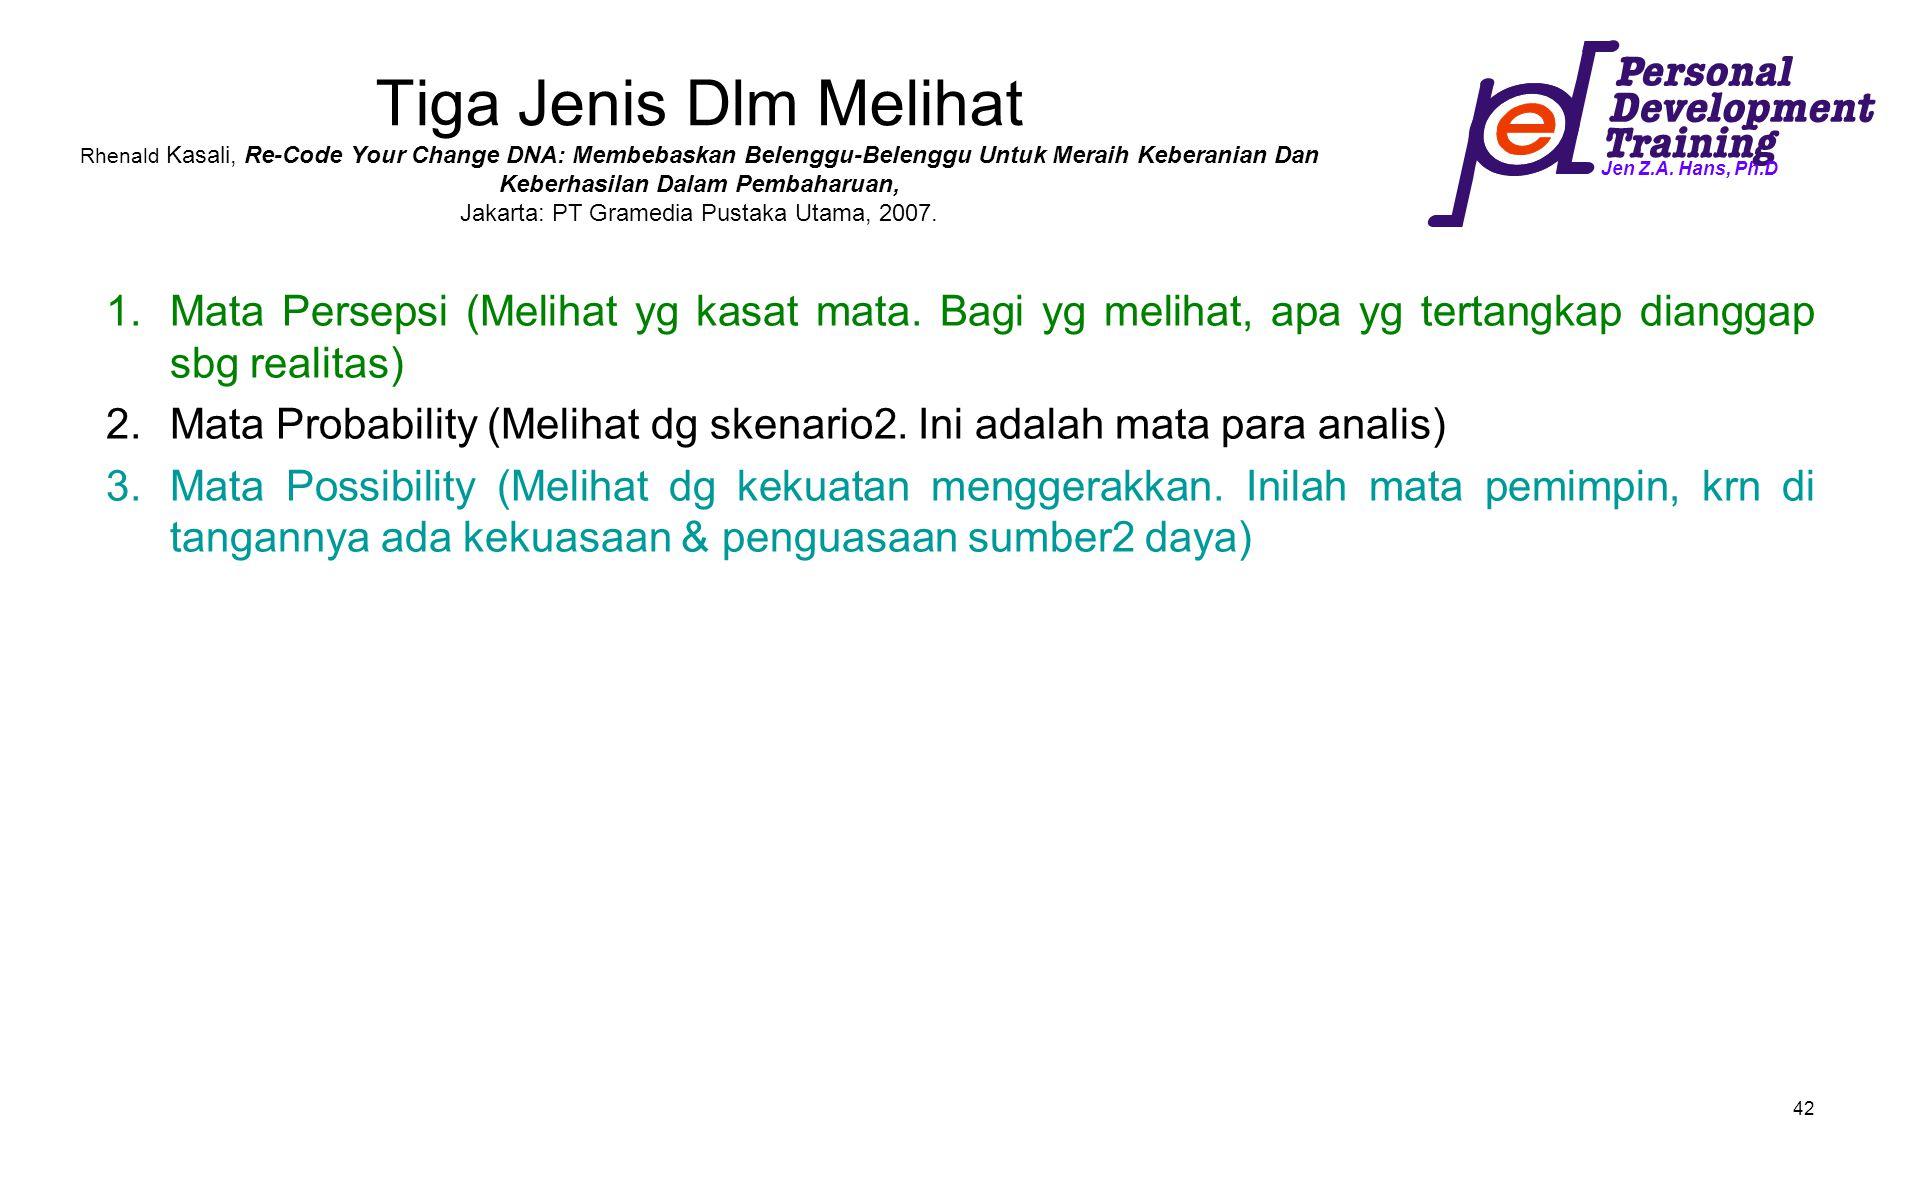 Tiga Jenis Dlm Melihat Rhenald Kasali, Re-Code Your Change DNA: Membebaskan Belenggu-Belenggu Untuk Meraih Keberanian Dan Keberhasilan Dalam Pembaharuan, Jakarta: PT Gramedia Pustaka Utama, 2007.